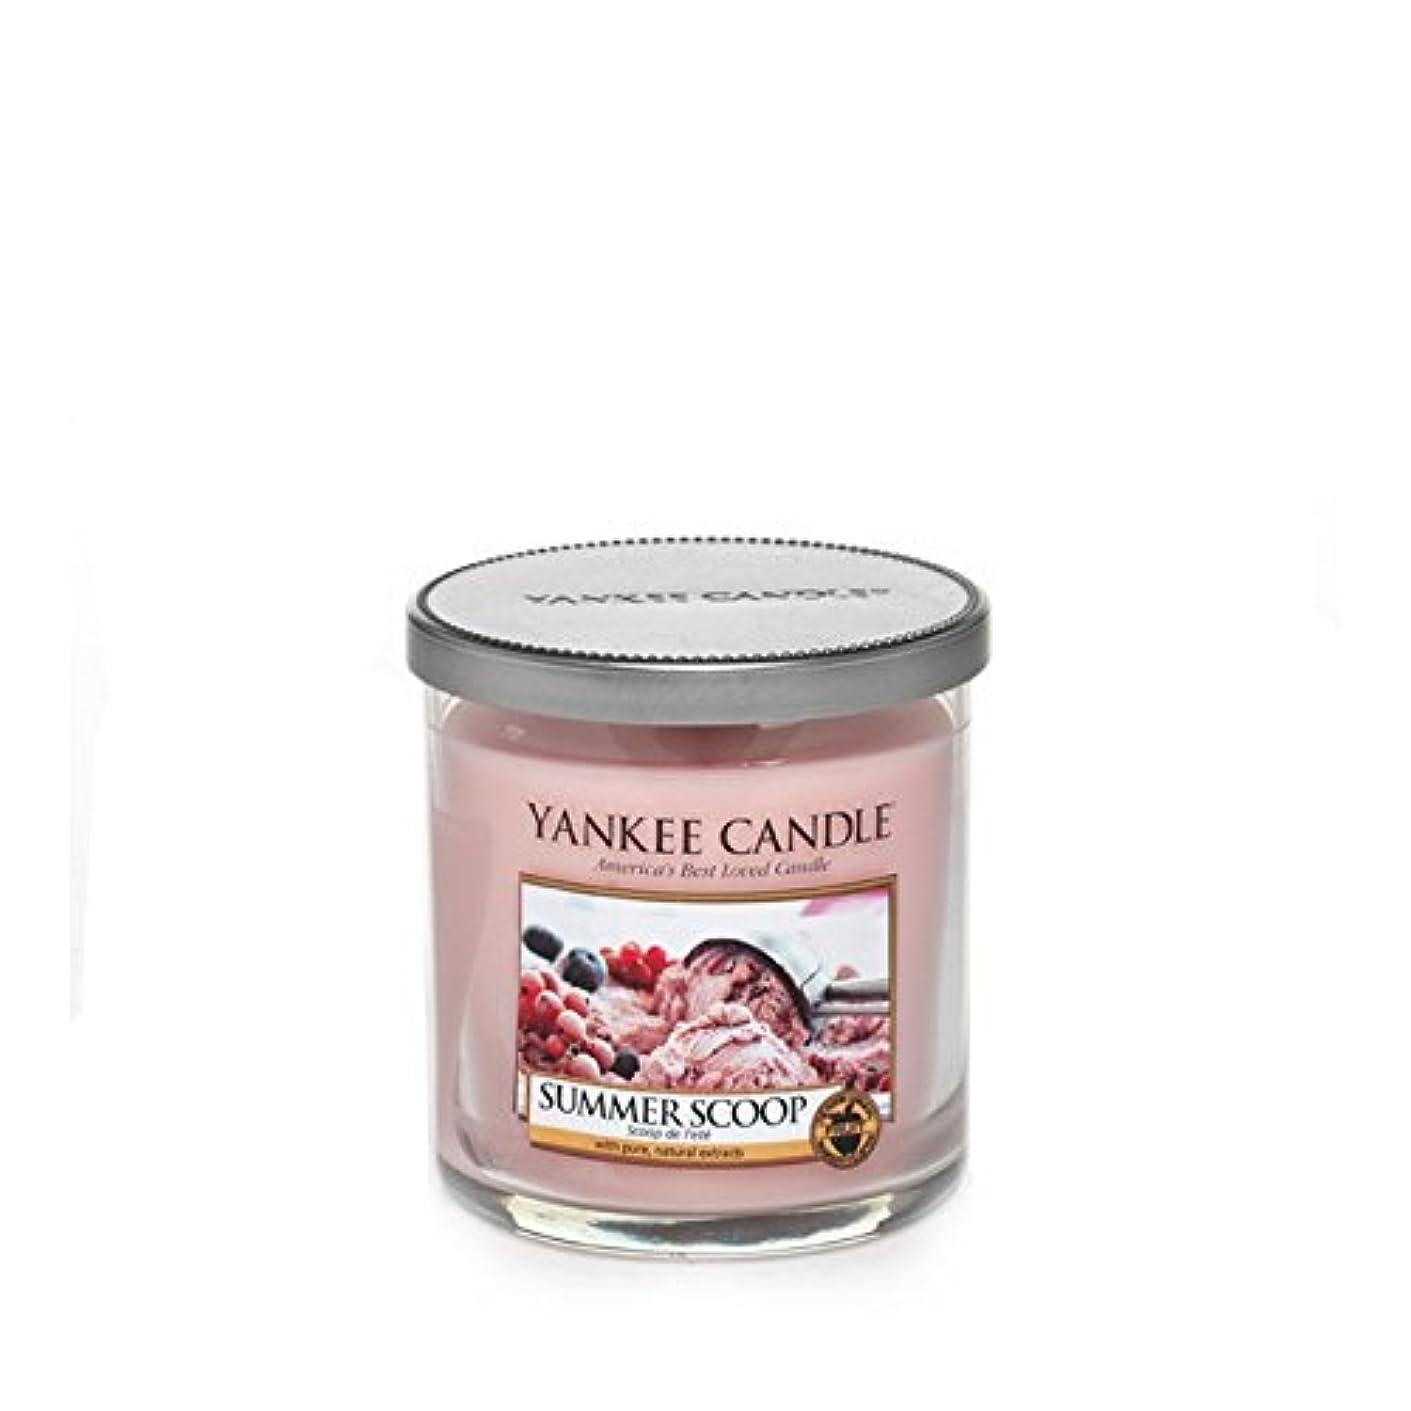 おもしろいブレース押し下げるヤンキーキャンドルの小さな柱キャンドル - 夏のスクープ - Yankee Candles Small Pillar Candle - Summer Scoop (Yankee Candles) [並行輸入品]